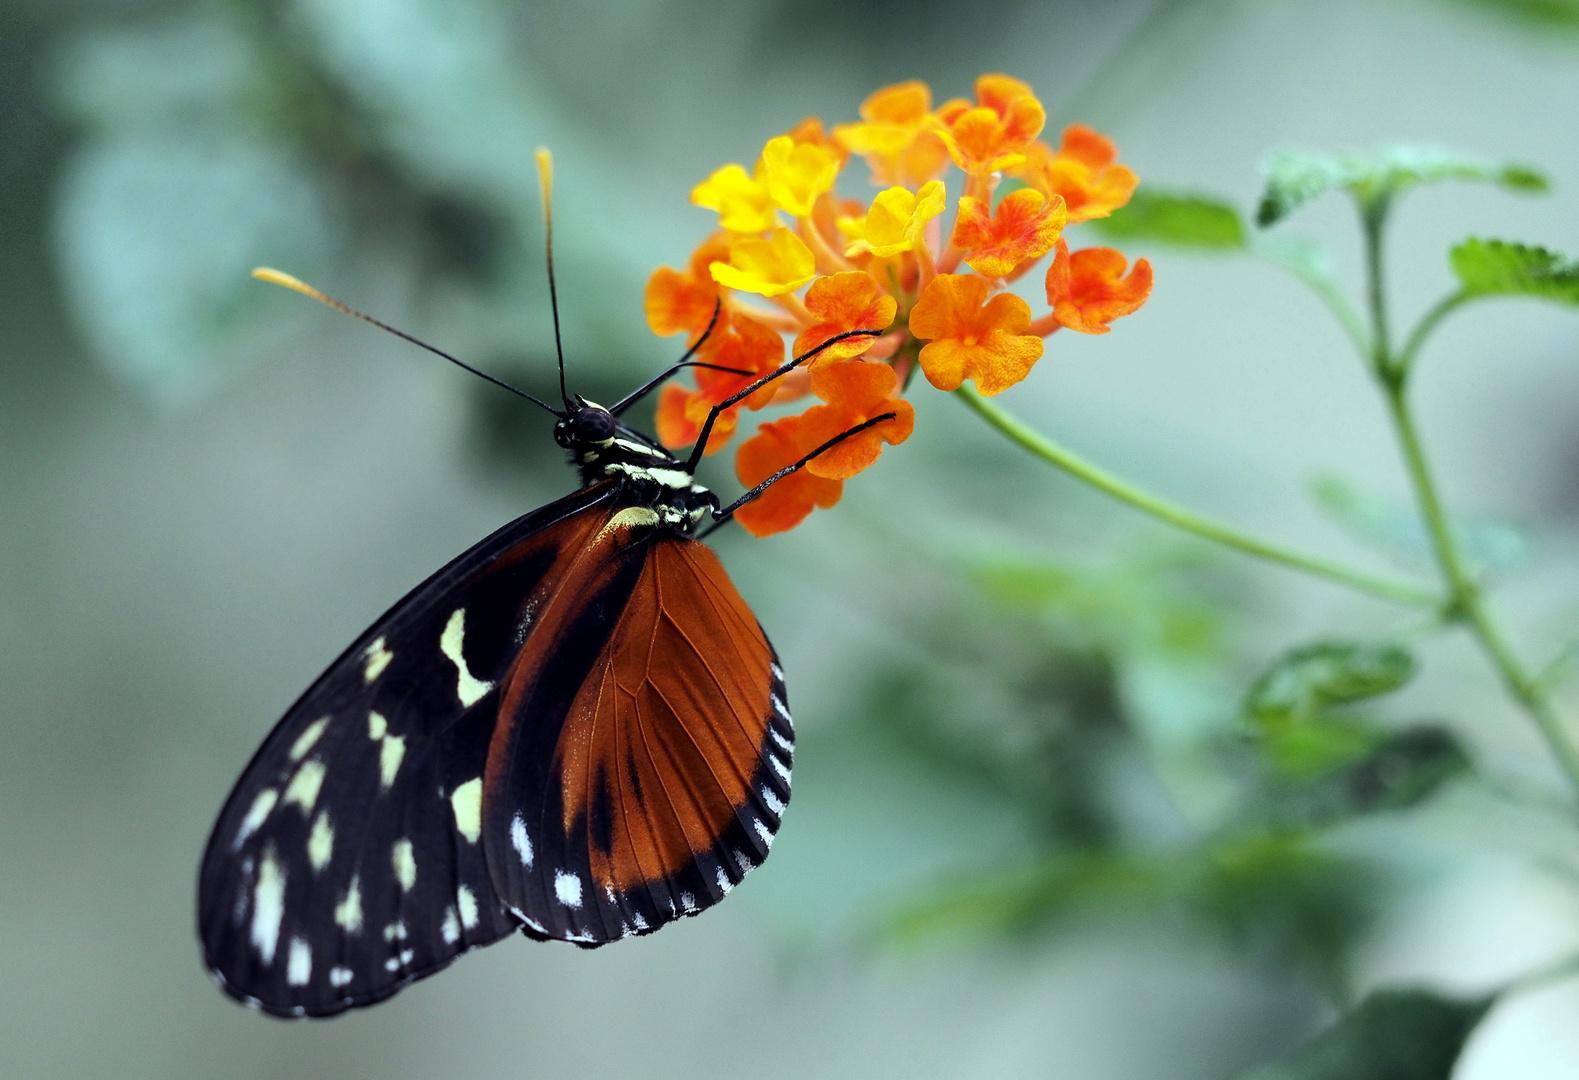 Frisch geschlüpfter Schmetterling im Vivarium in Darmstadt